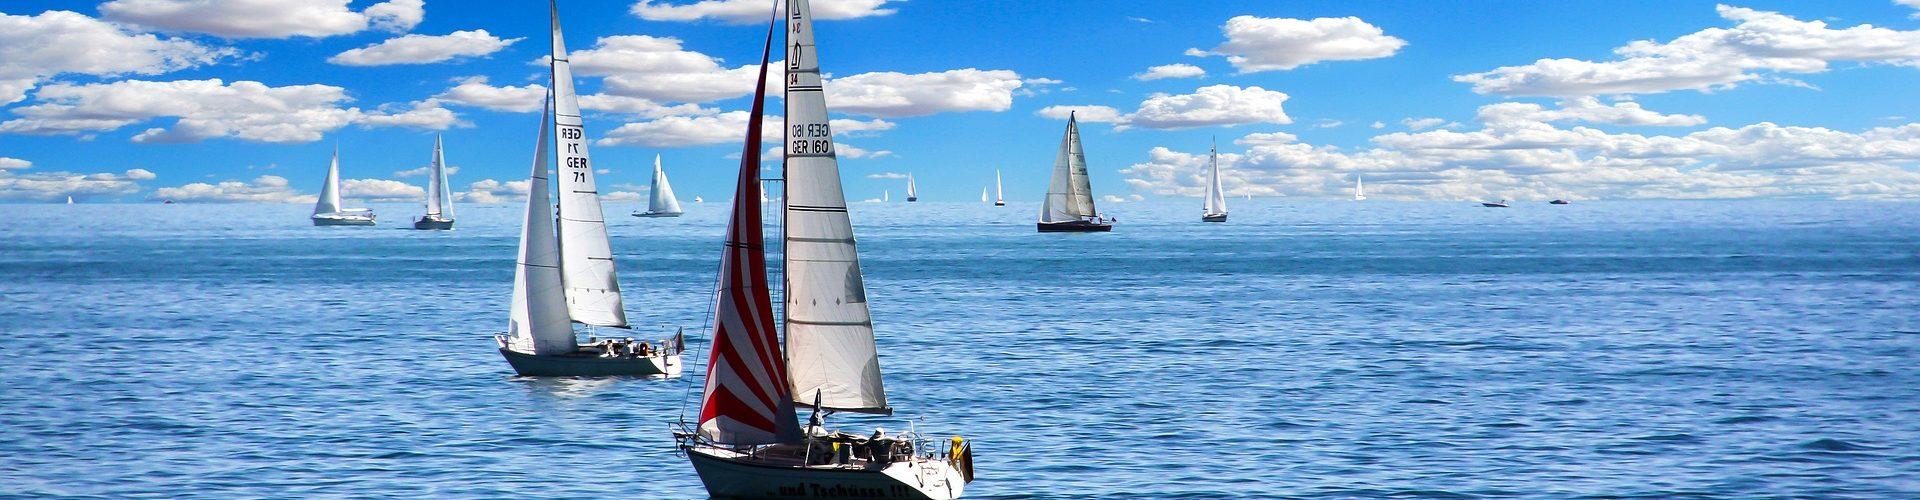 segeln lernen in Stadum segelschein machen in Stadum 1920x500 - Segeln lernen in Stadum